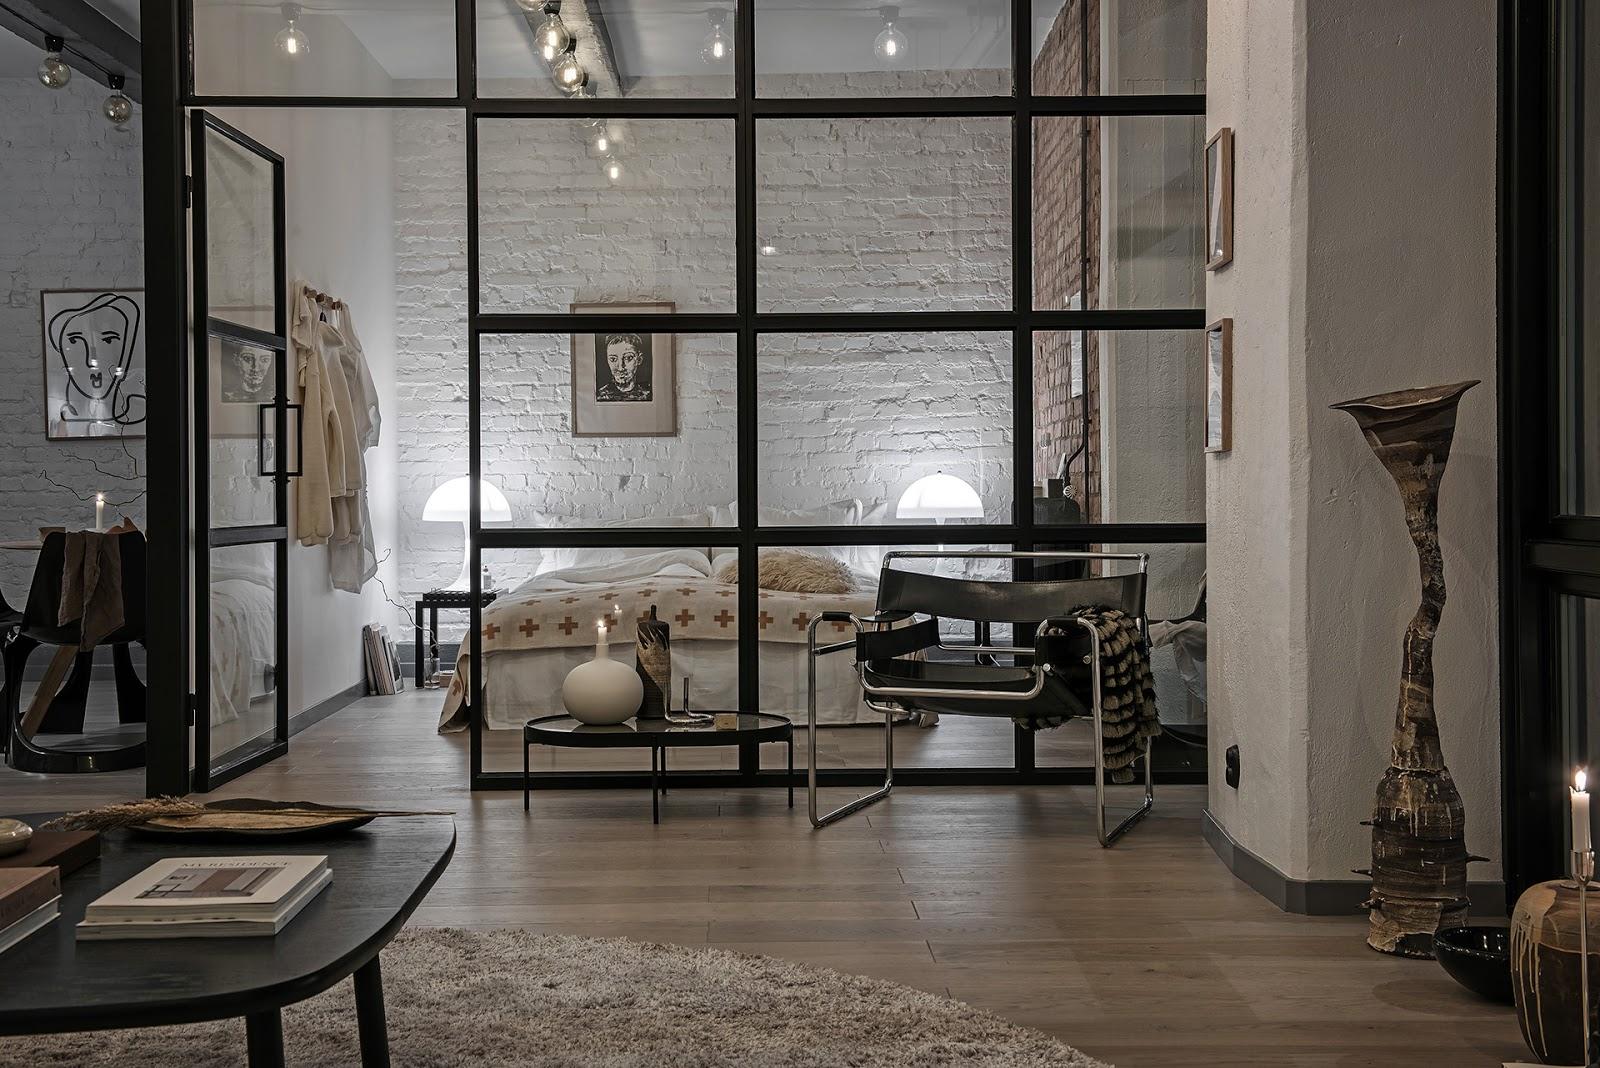 Pereți de sticlă, ferestre înalte și un decor industrial în amenajarea unui apartament de 58 m²